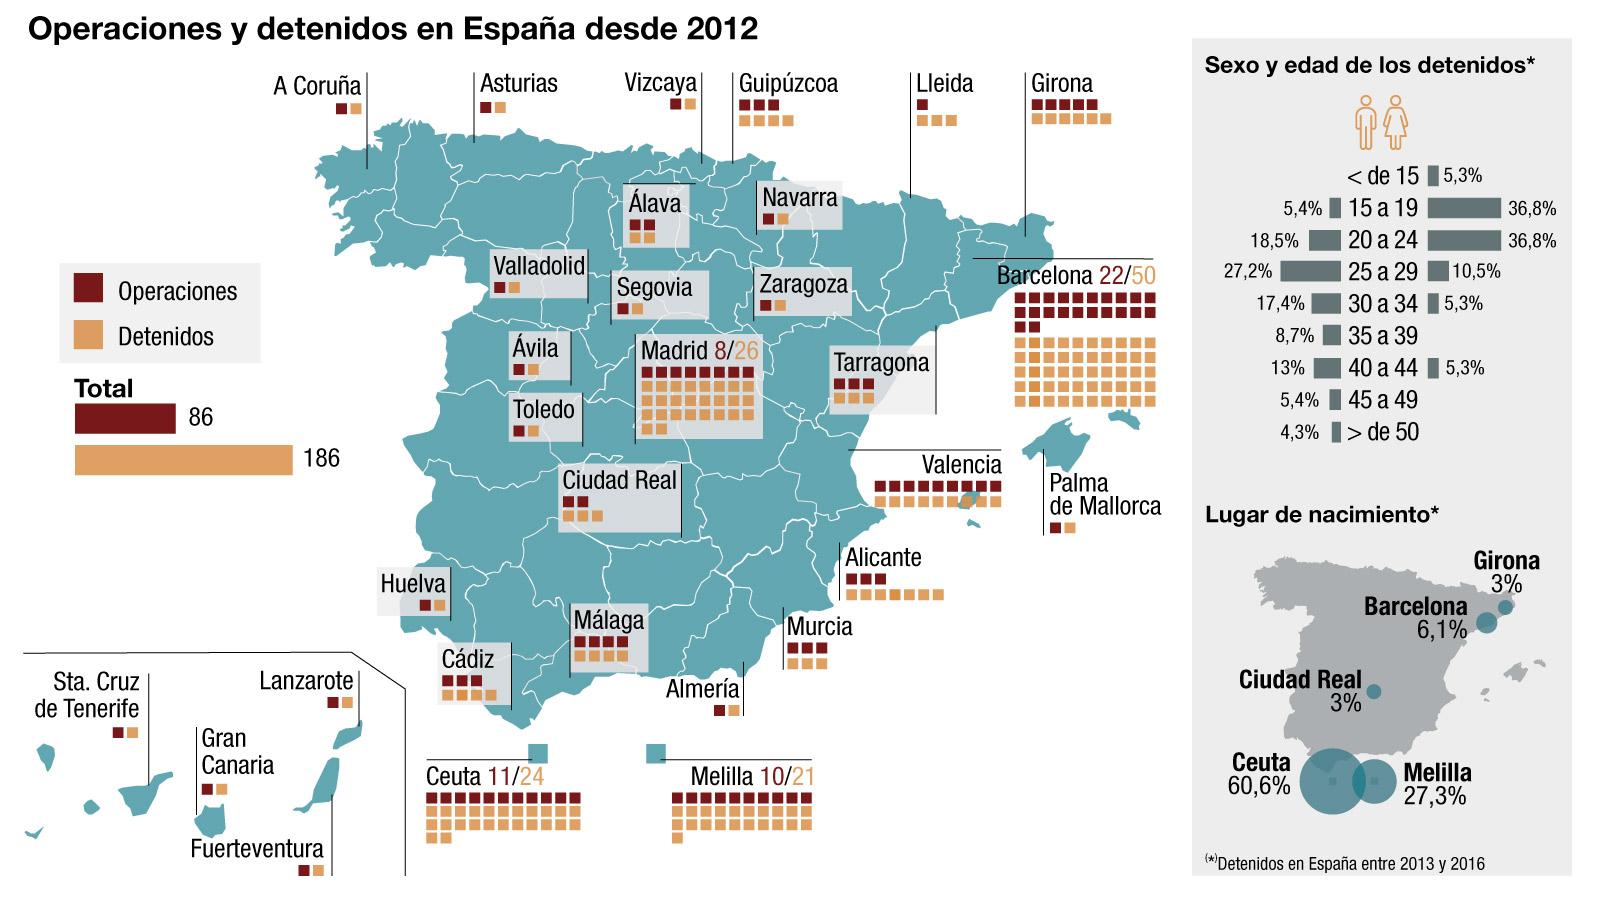 Fuente: Ministerio del Interior / Real Instituto Elcano